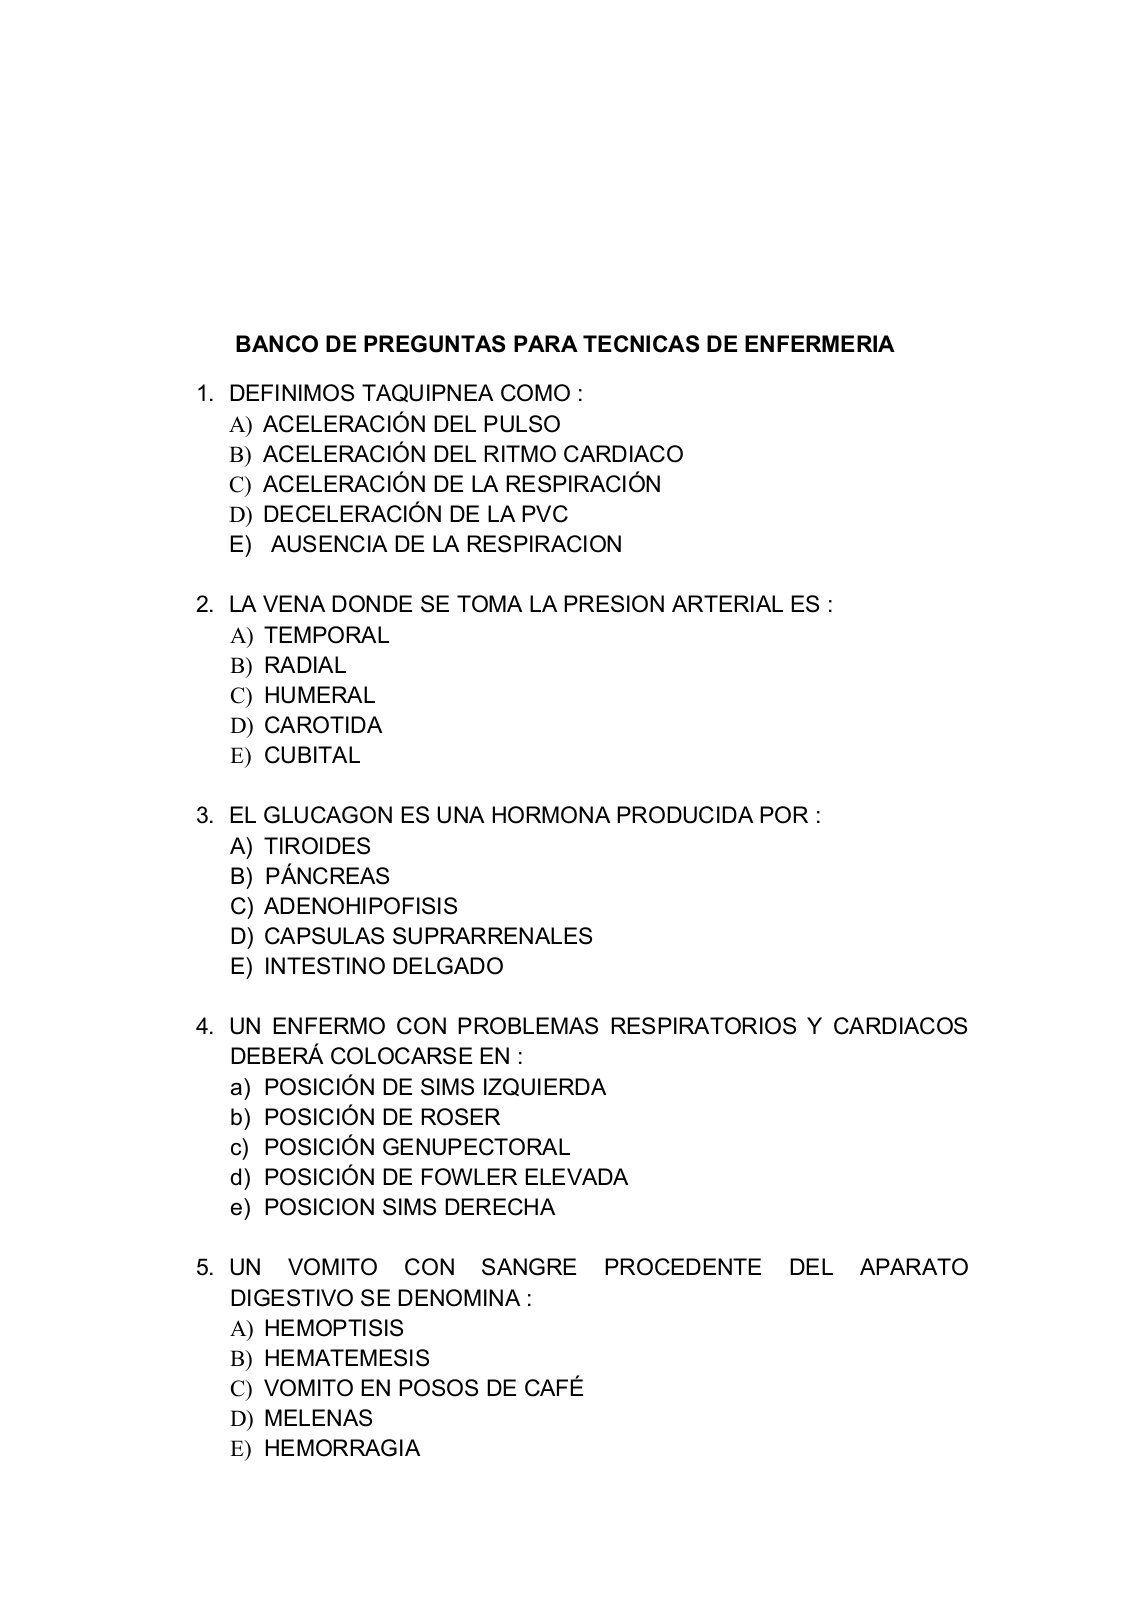 Balotario De Preguntas Para Tecnicos De Enfermeria Yumpu Pdf Downloader Ten Personalized Items